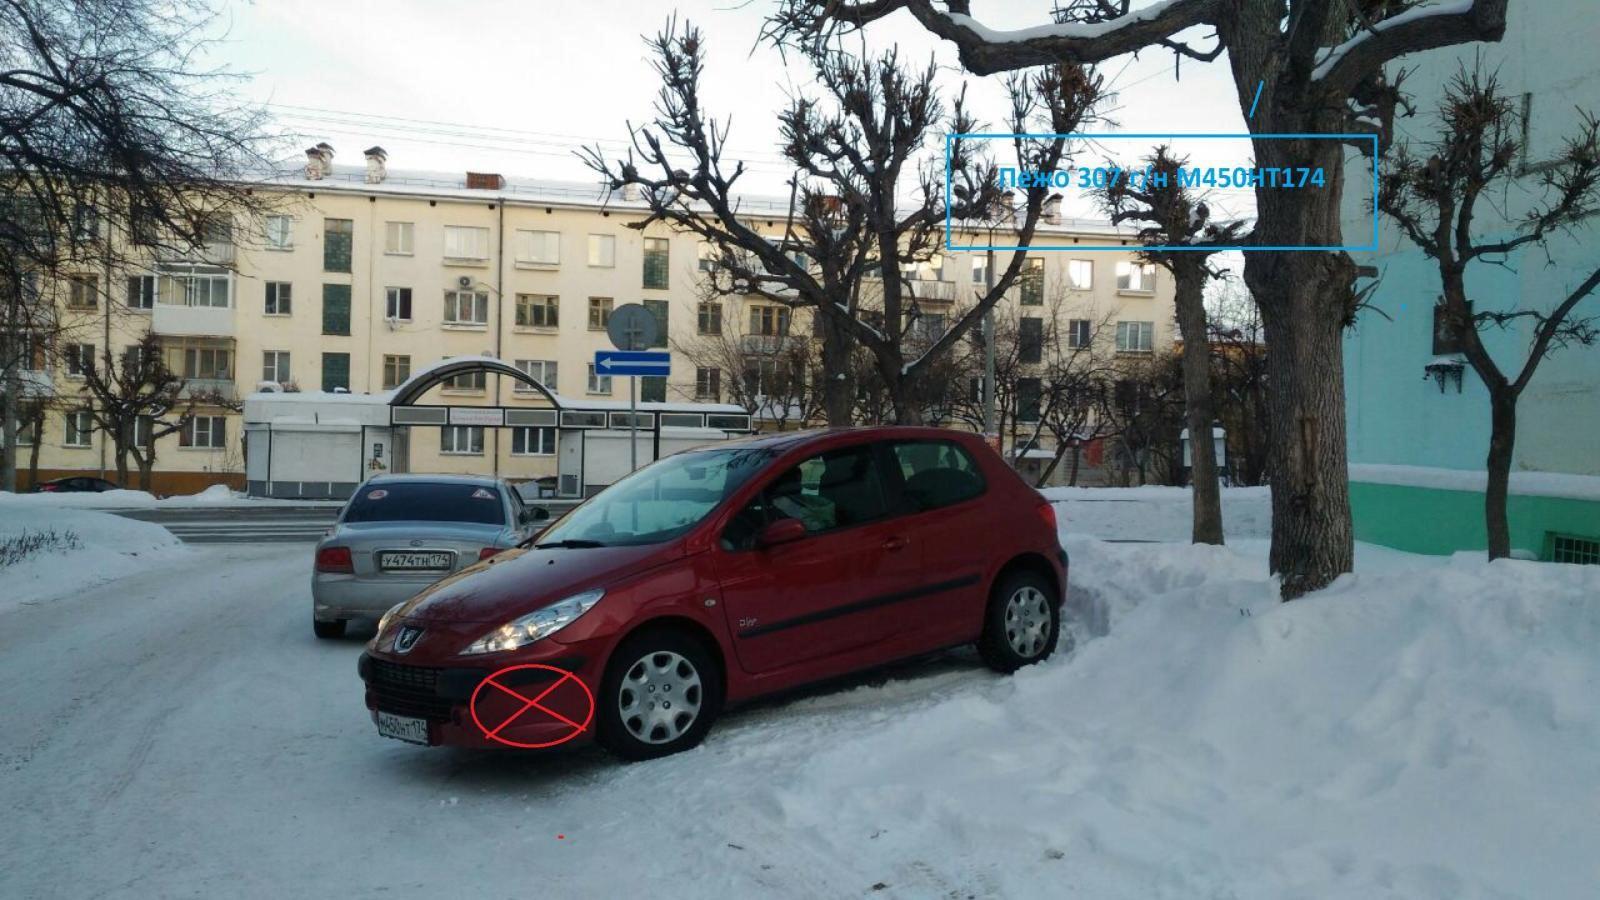 На минувшей неделе в городе Снежинске сотрудниками Госавтоинспекции выявлено 152 административных правонарушений.